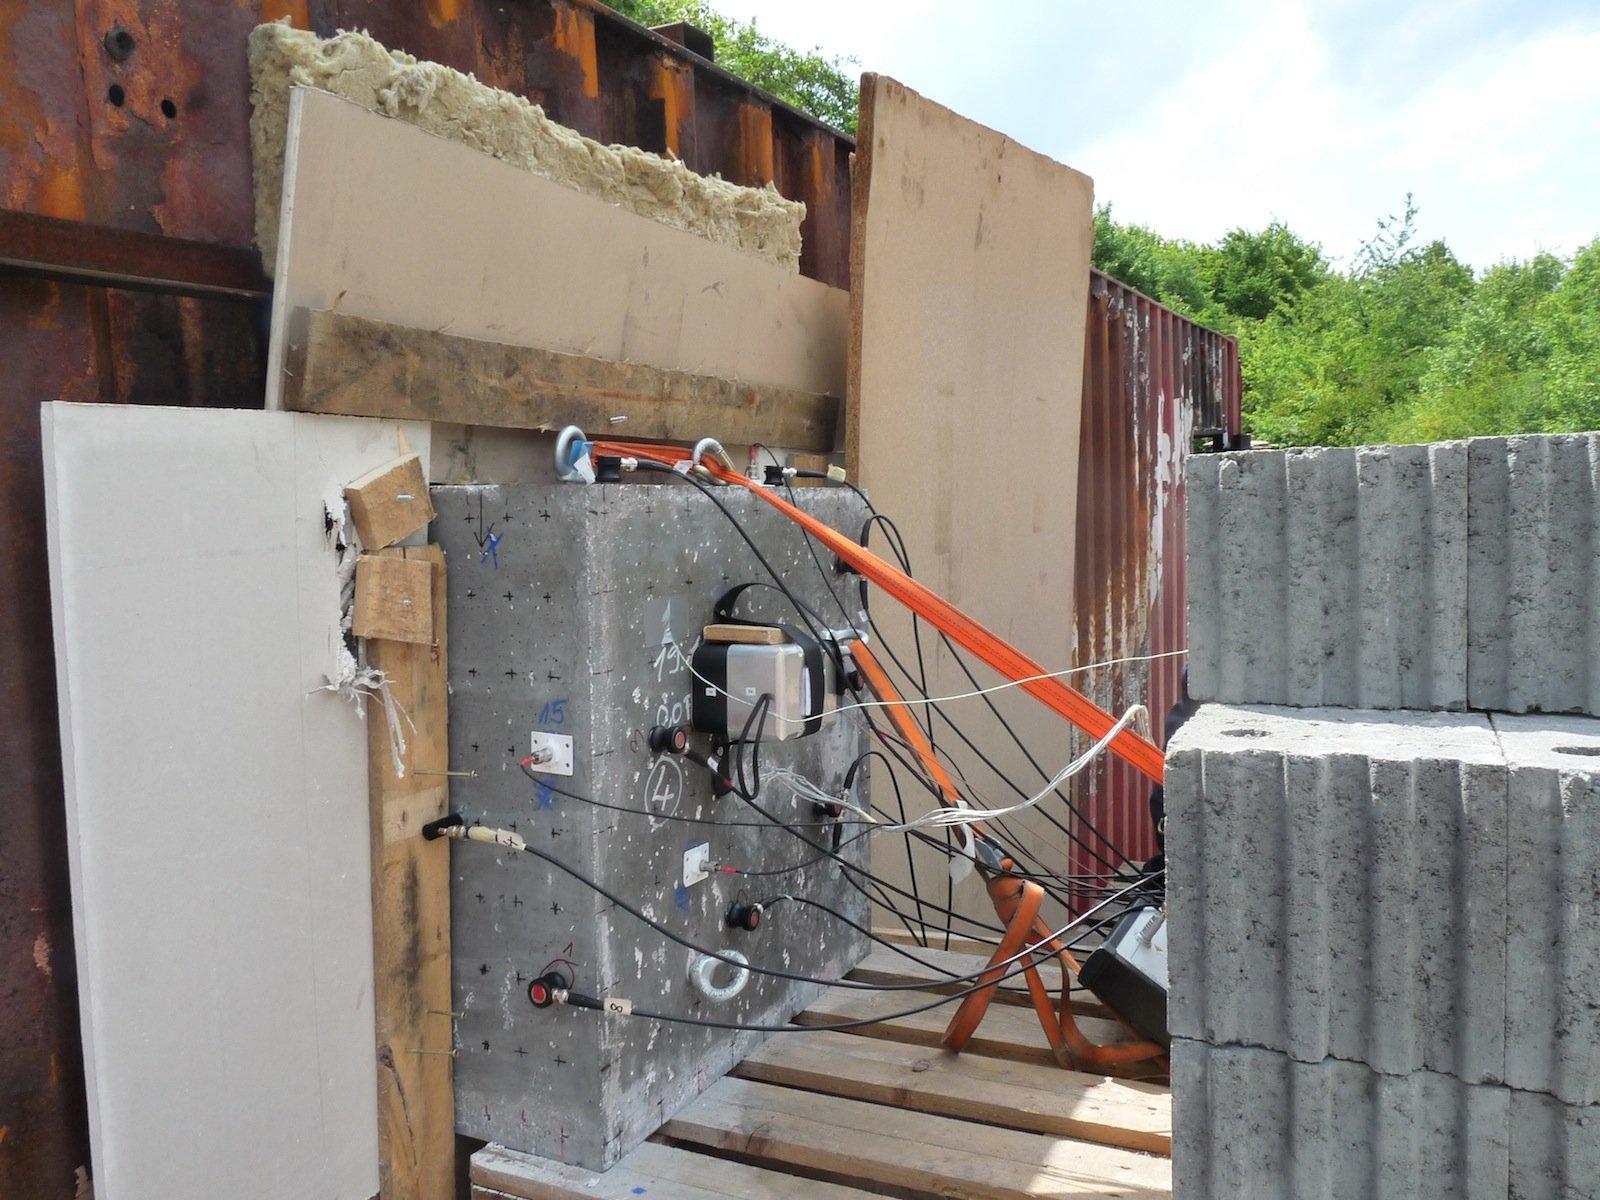 Jetzt können die Forscher den Beton flüstern hören: Dafür sorgen die angebrachten Schallemissions-Sensoren.